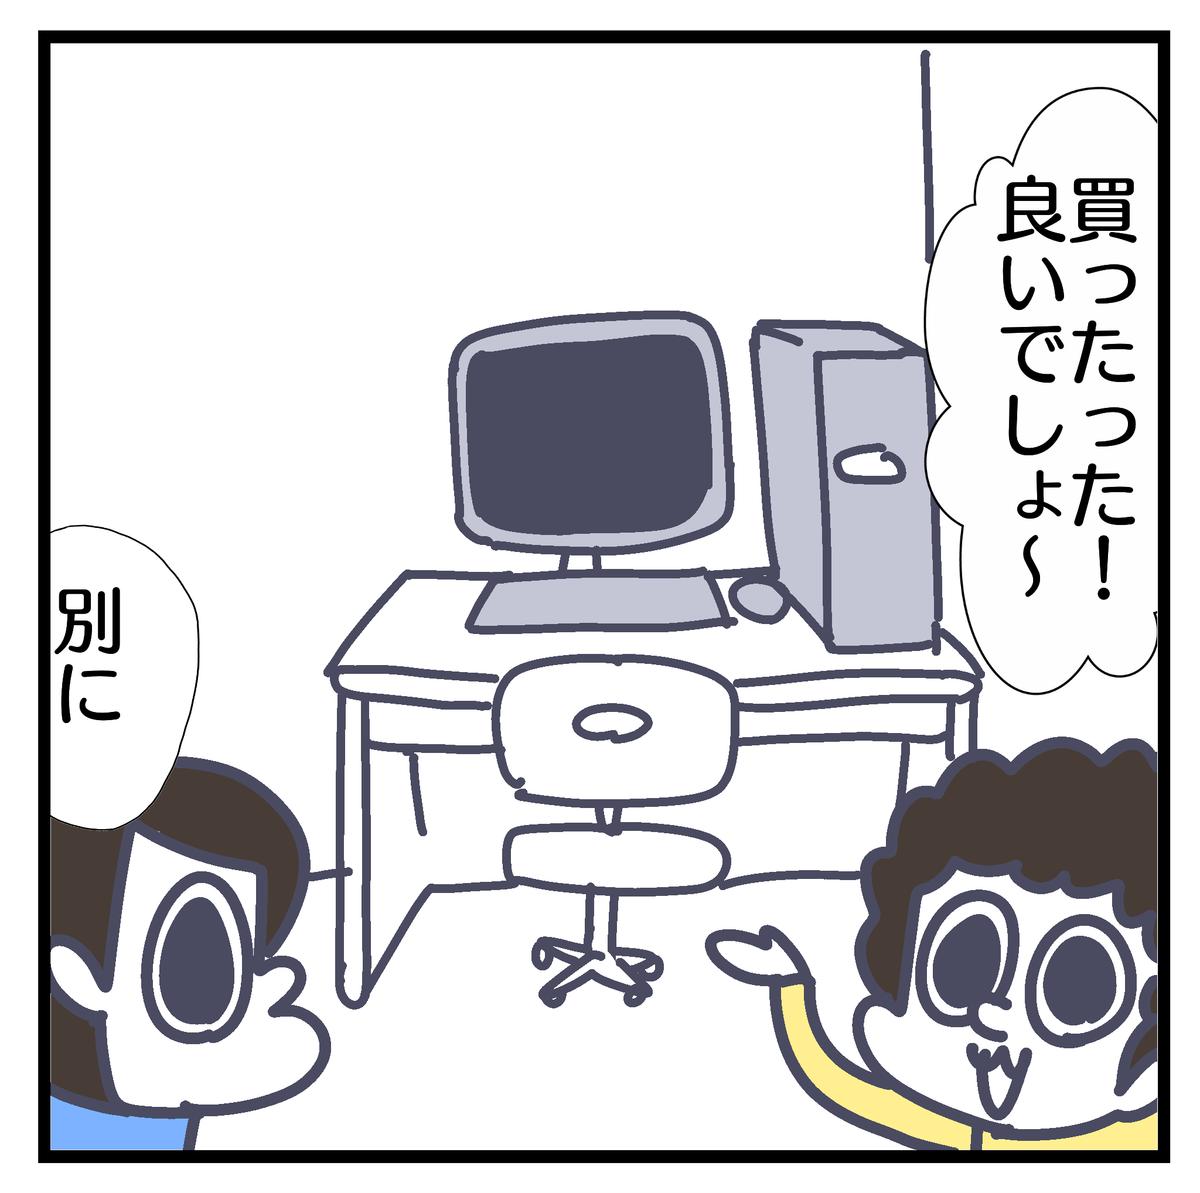 f:id:YuruFuwaTa:20200608101521p:plain